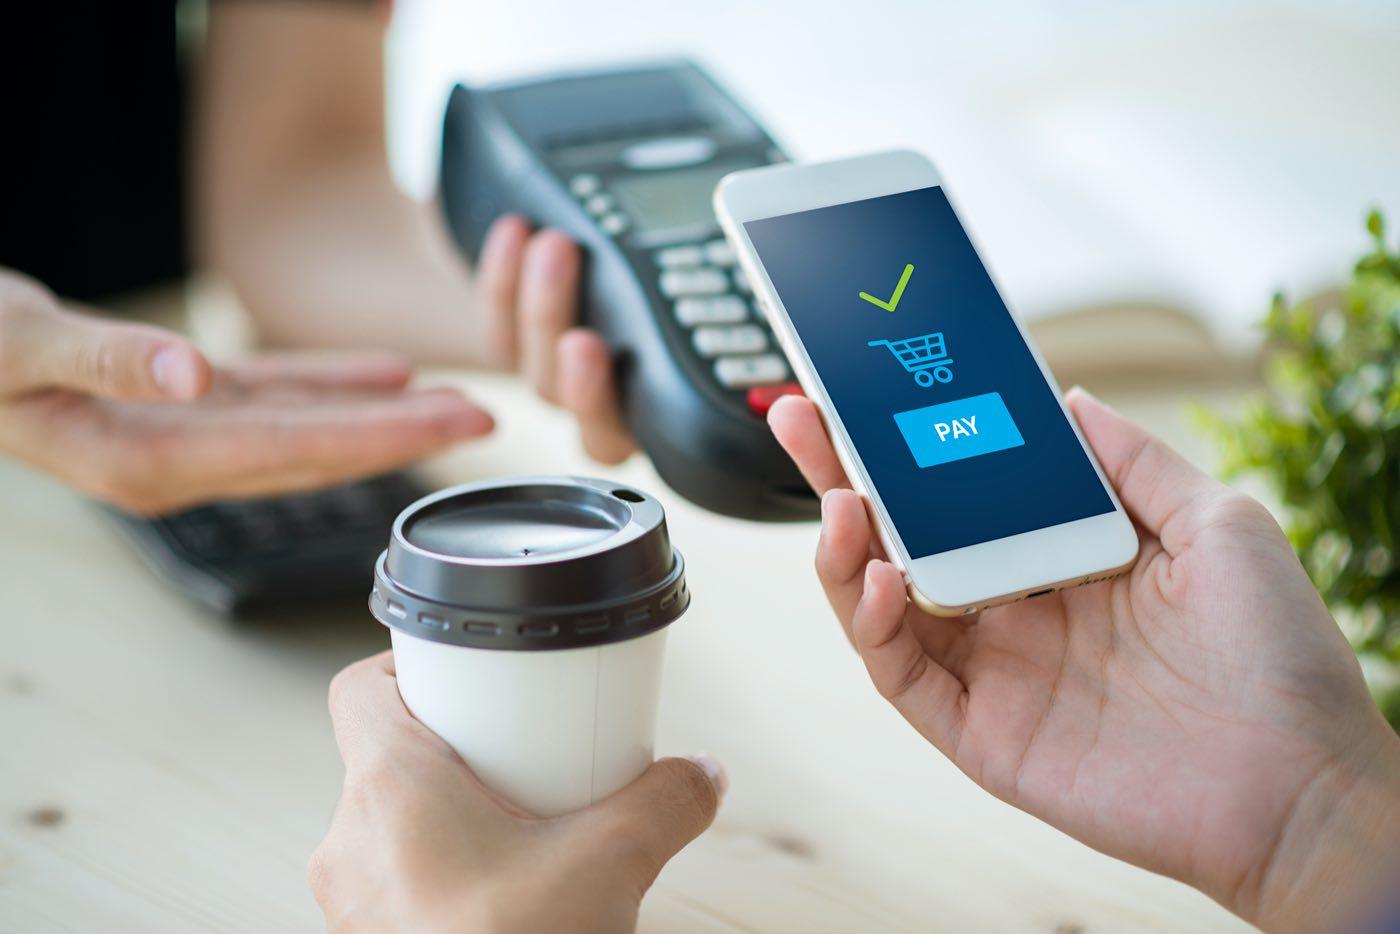 Bizum duplicó su número de usuarios y ampliamente triplicó sus operaciones y volumen en 2020.